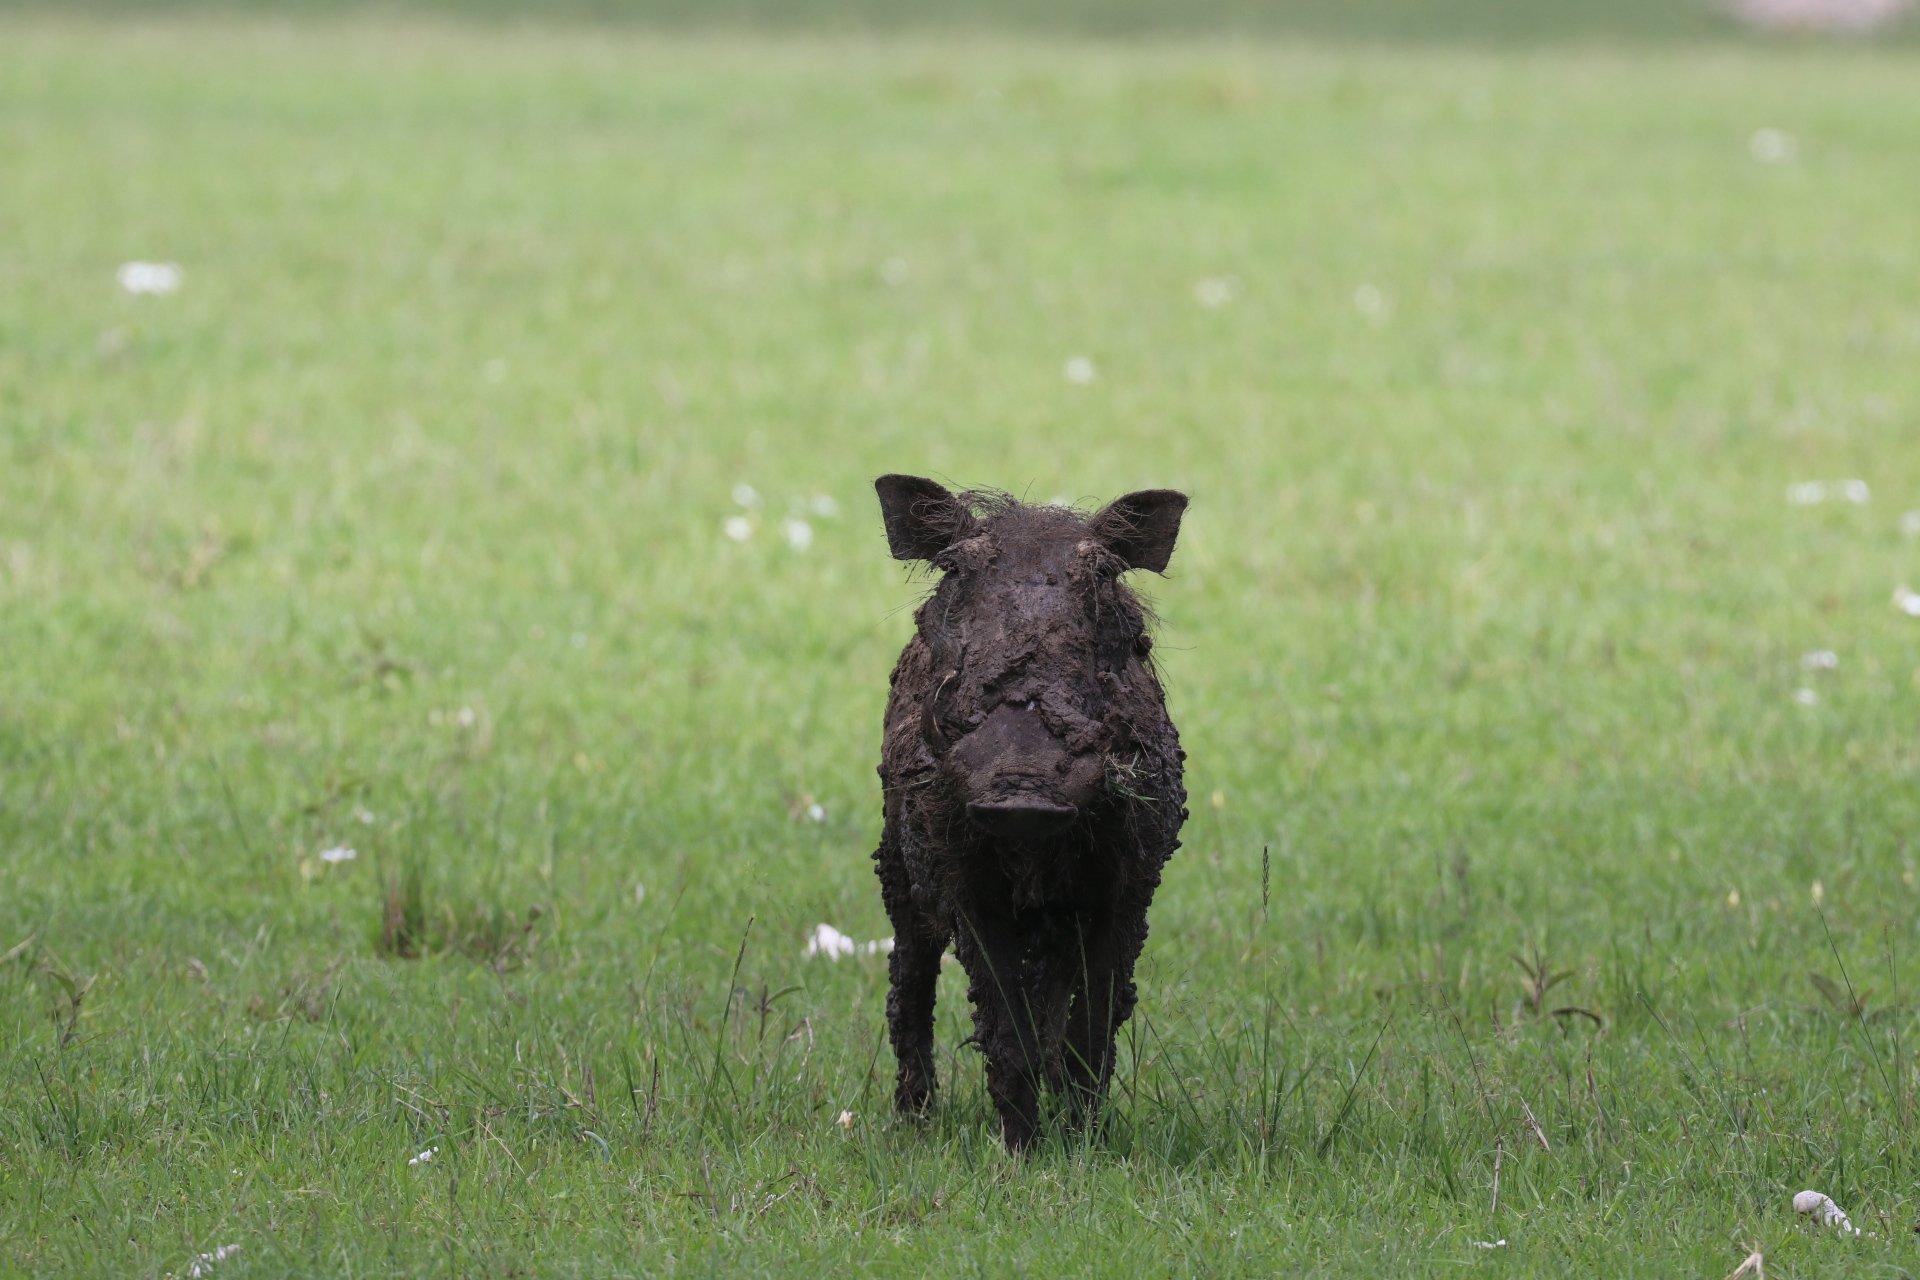 muddy warthog walking in grass